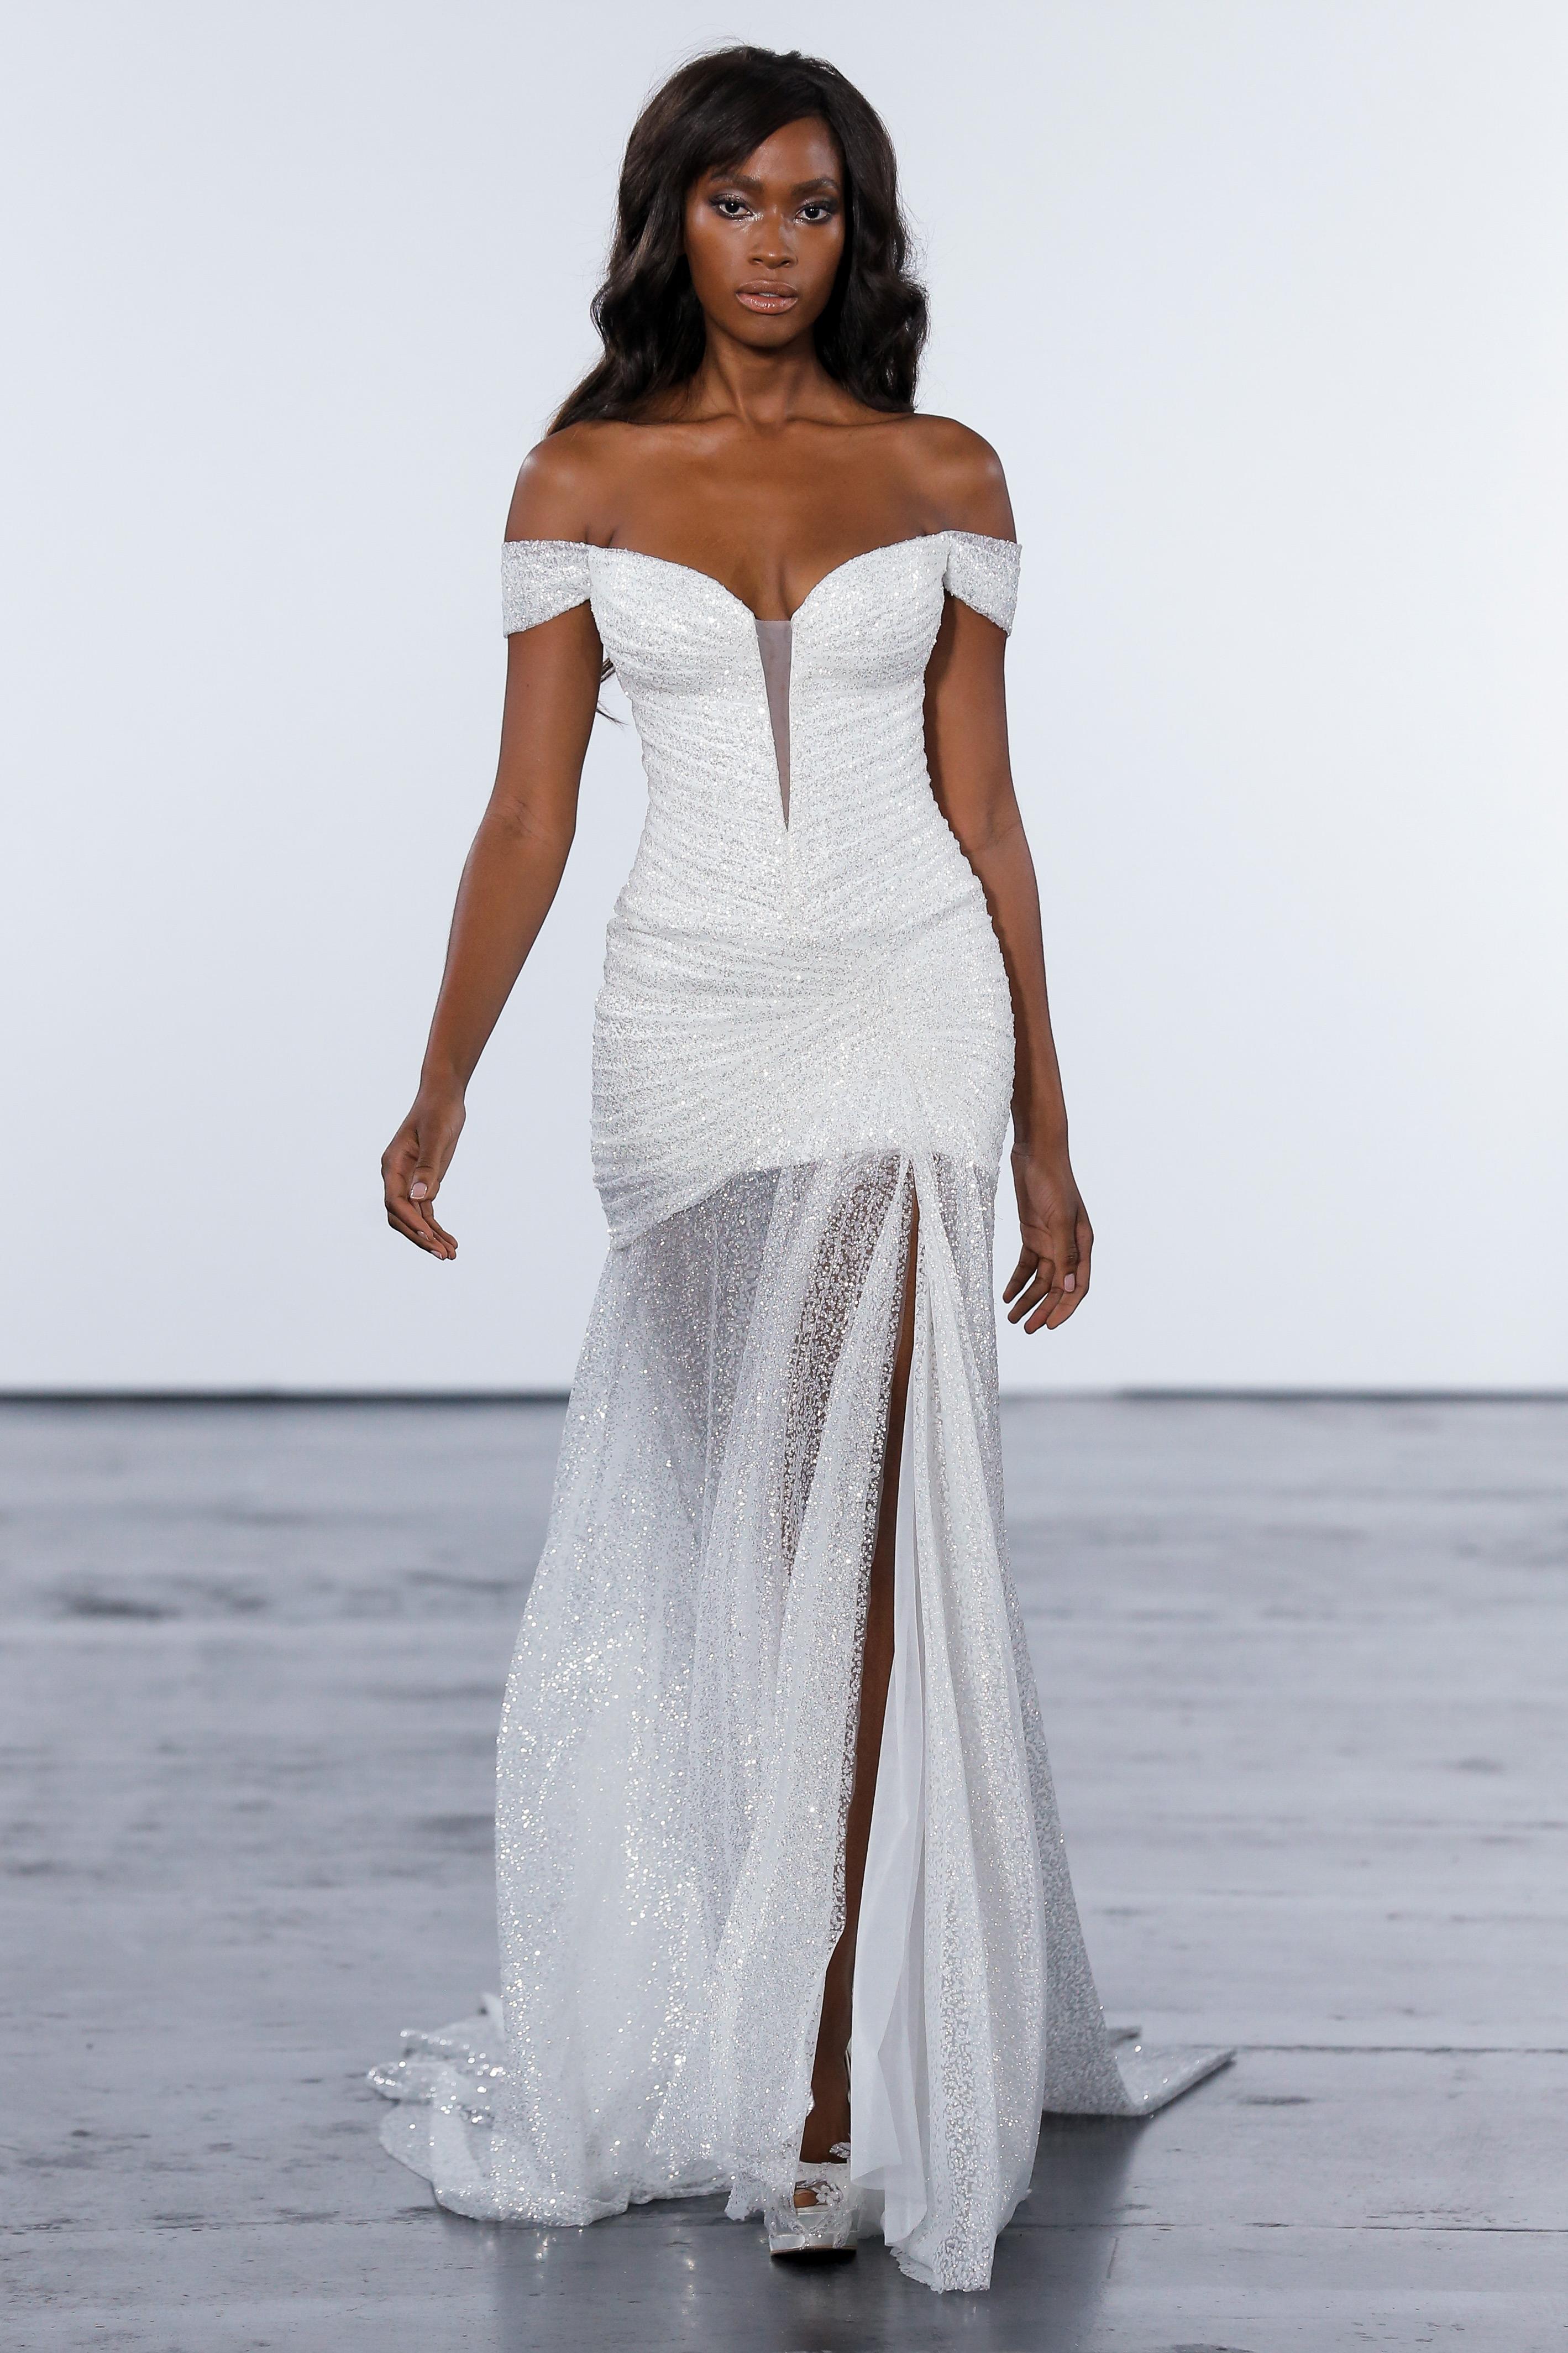 pnina tornai fall 2018 off shoulder glitter overlay wedding dress